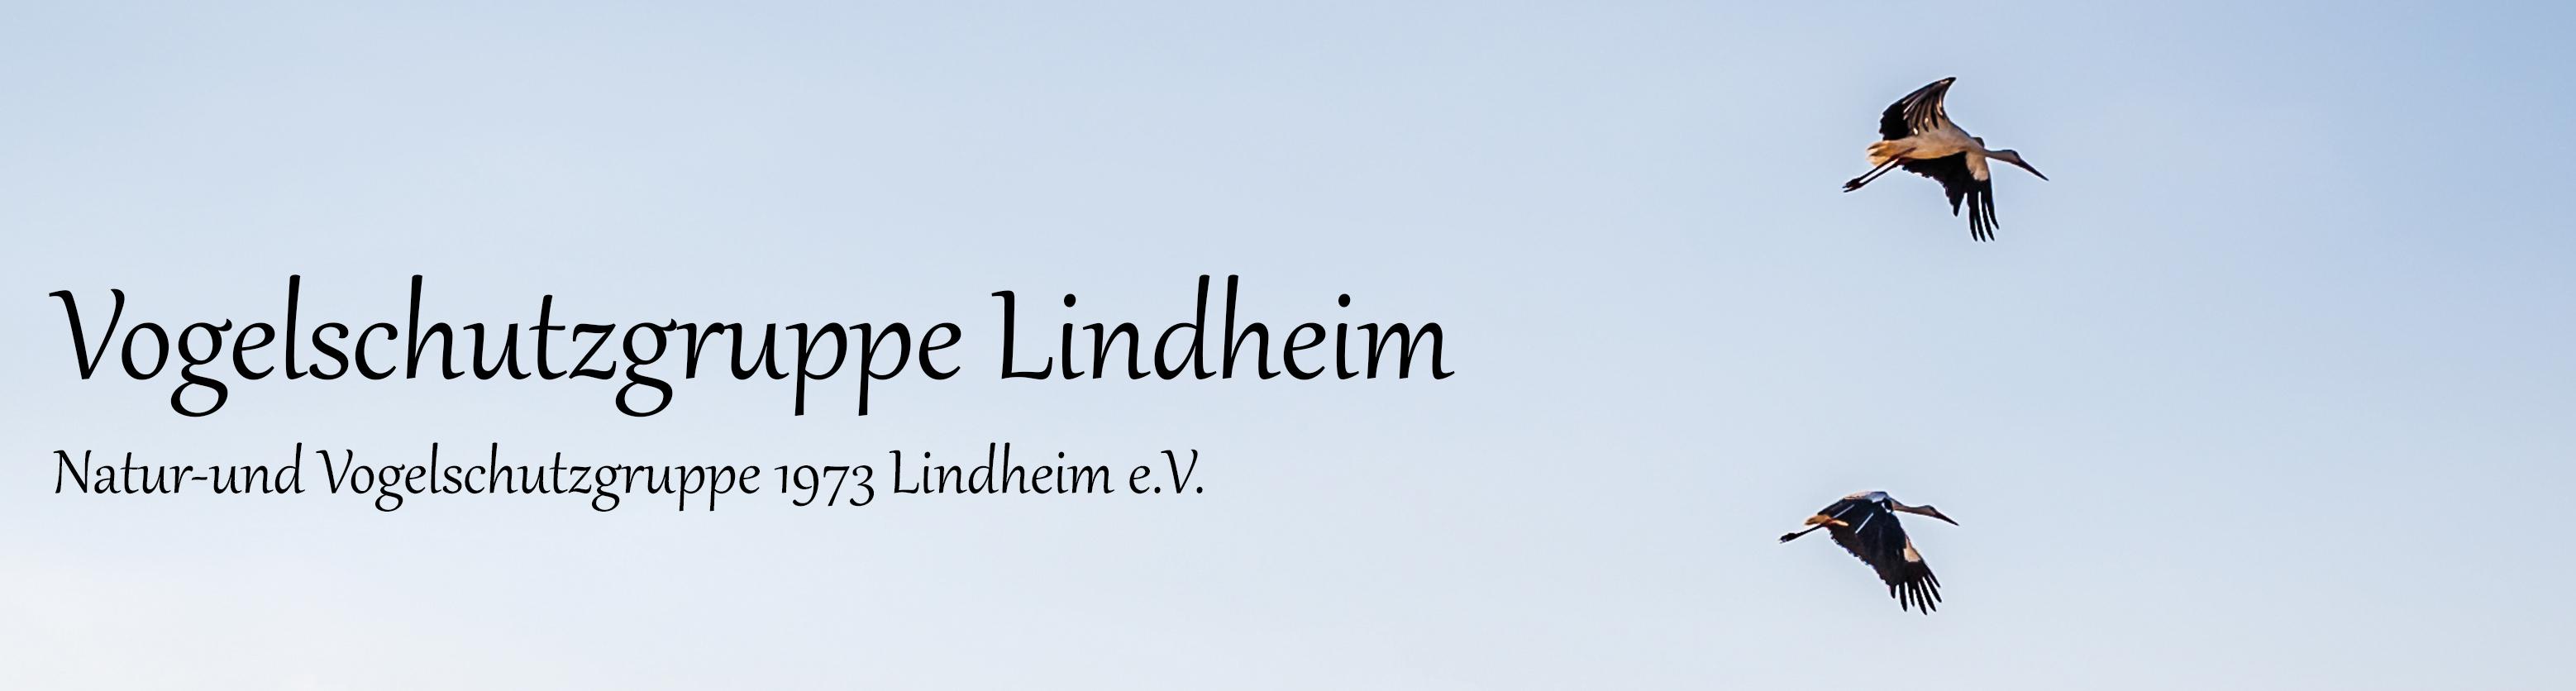 Vogelschutzgruppe Lindheim